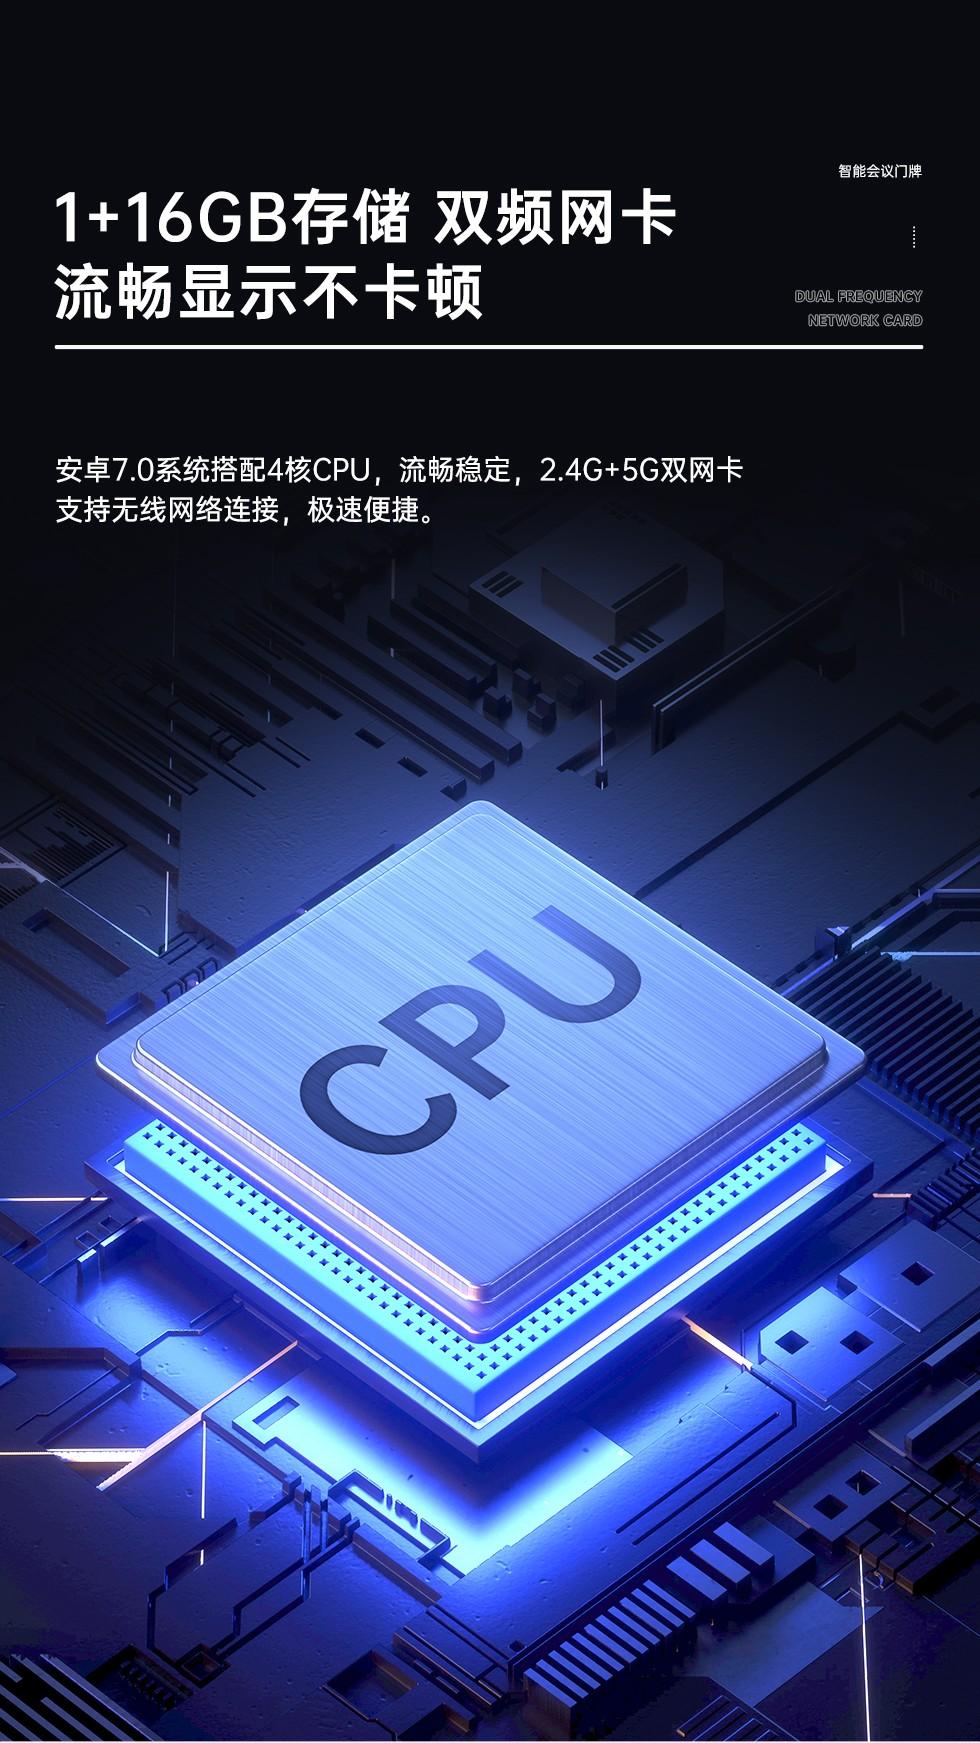 博亚体育智能会议门牌 内置4核CPU系统芯片 双频网卡 操作系统稳定